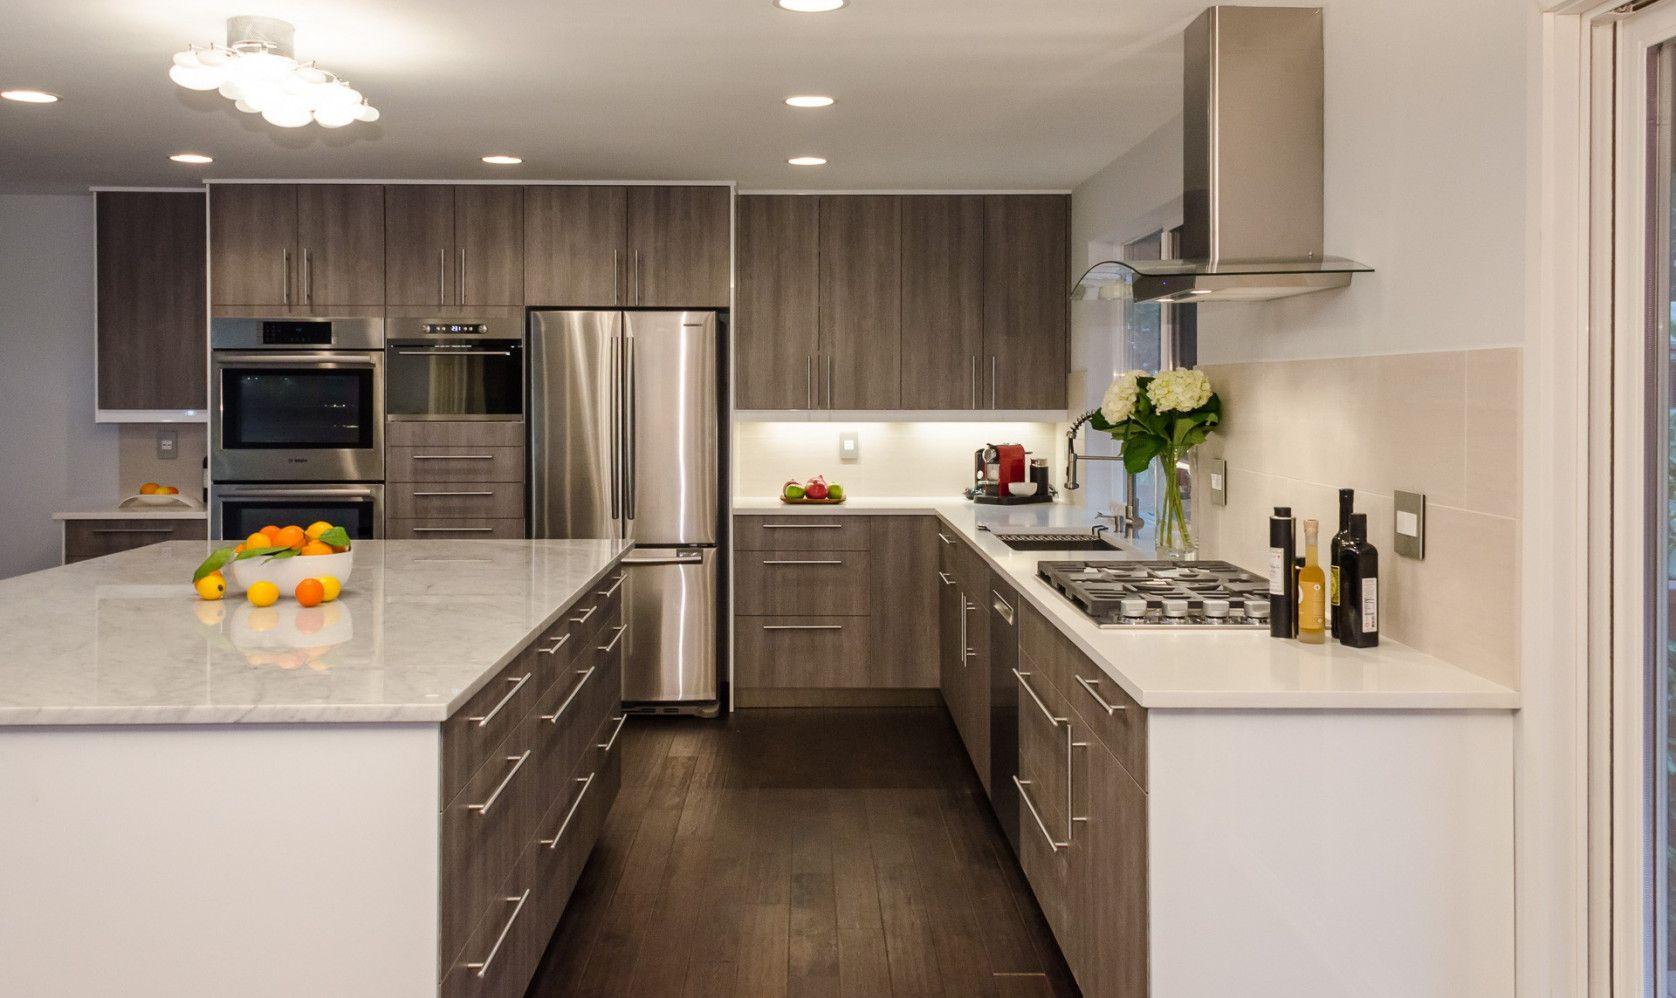 55+ Pre-assembled Kitchen Cabinets Online - Kitchen ...